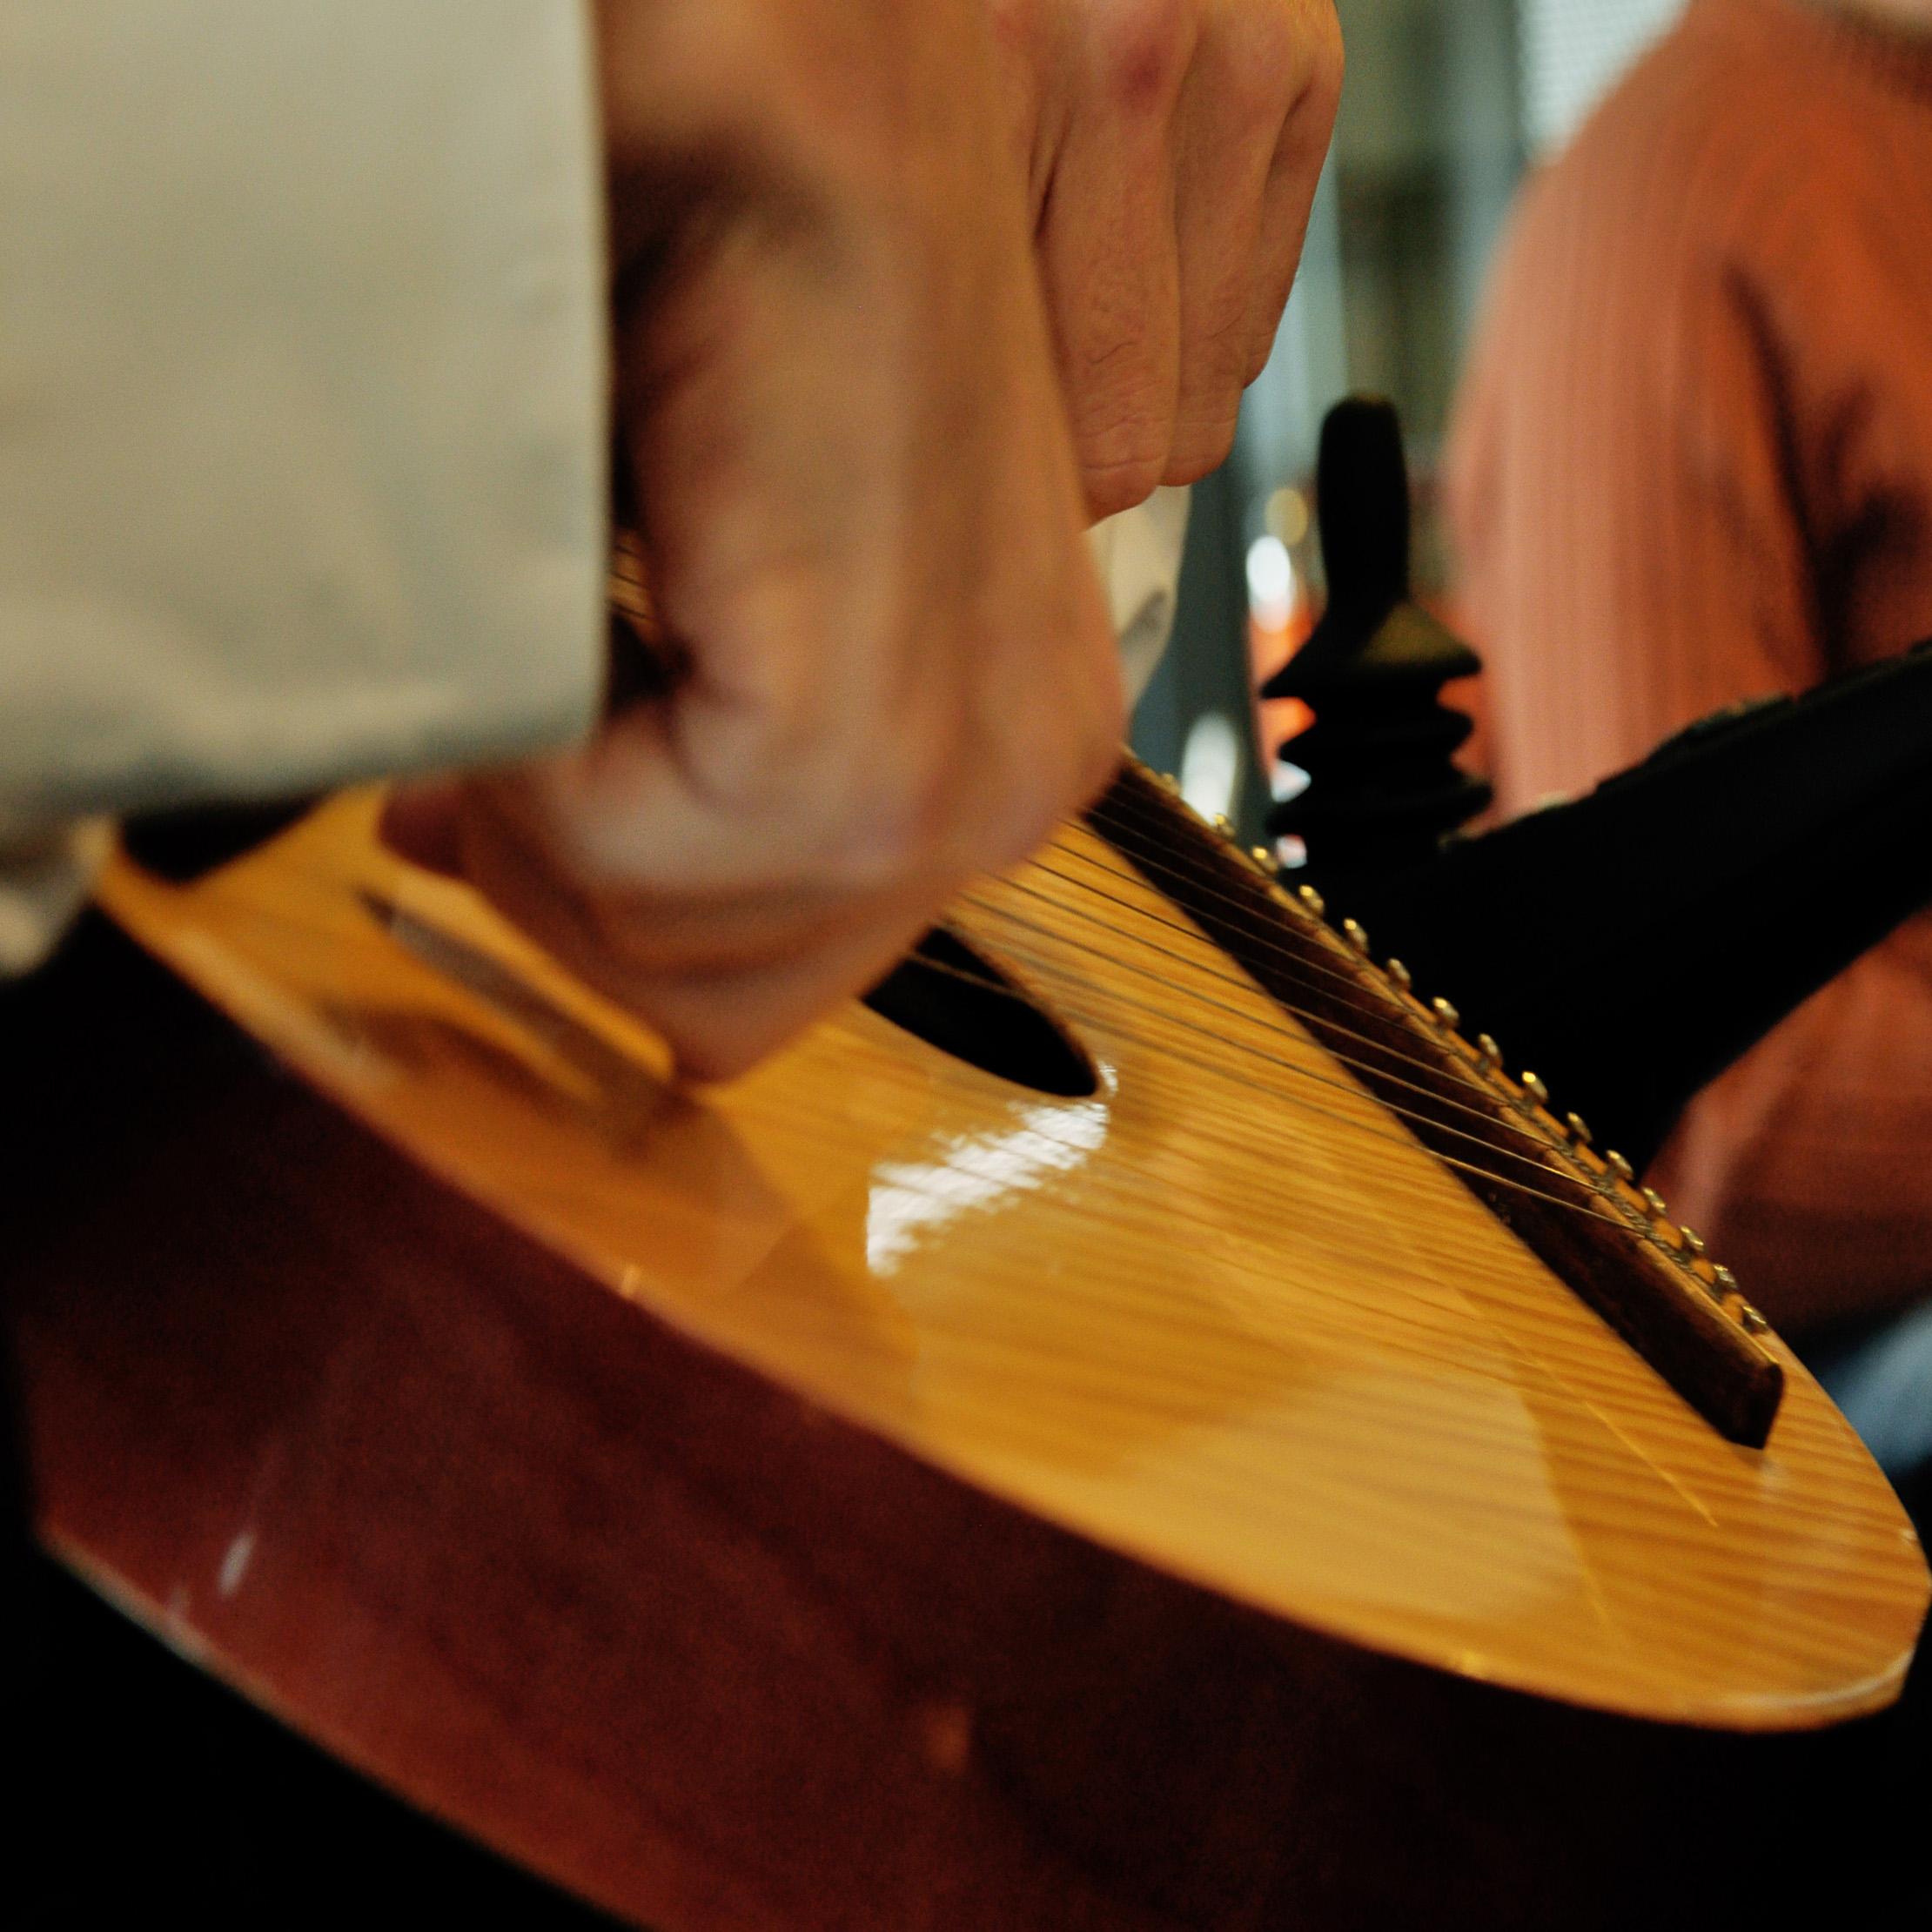 Animation GDF Suez : on voit des mains en train de jouer de la guitare